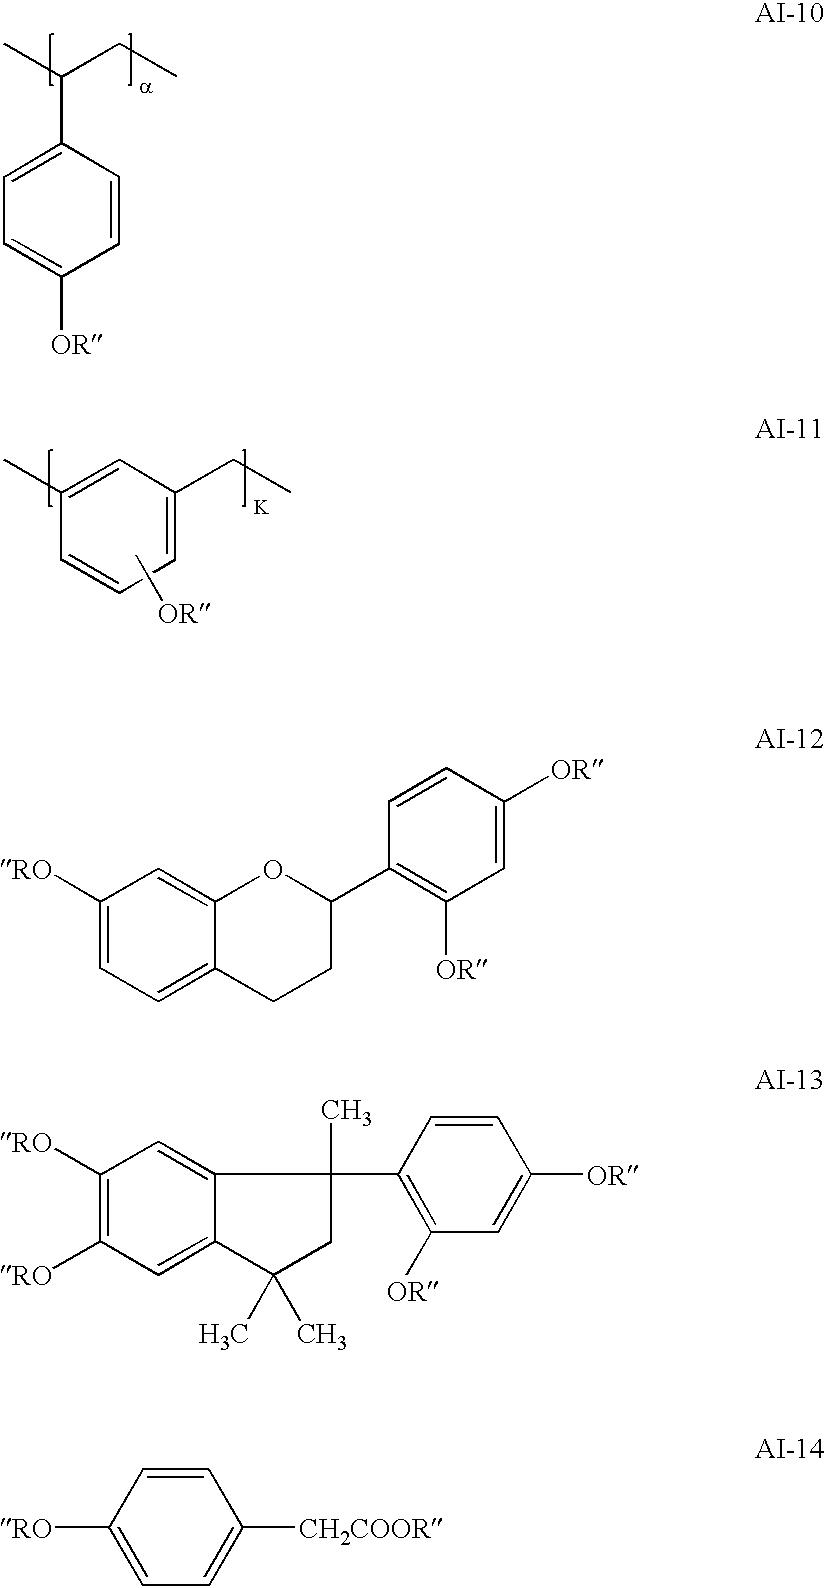 Figure US20030207201A1-20031106-C00056